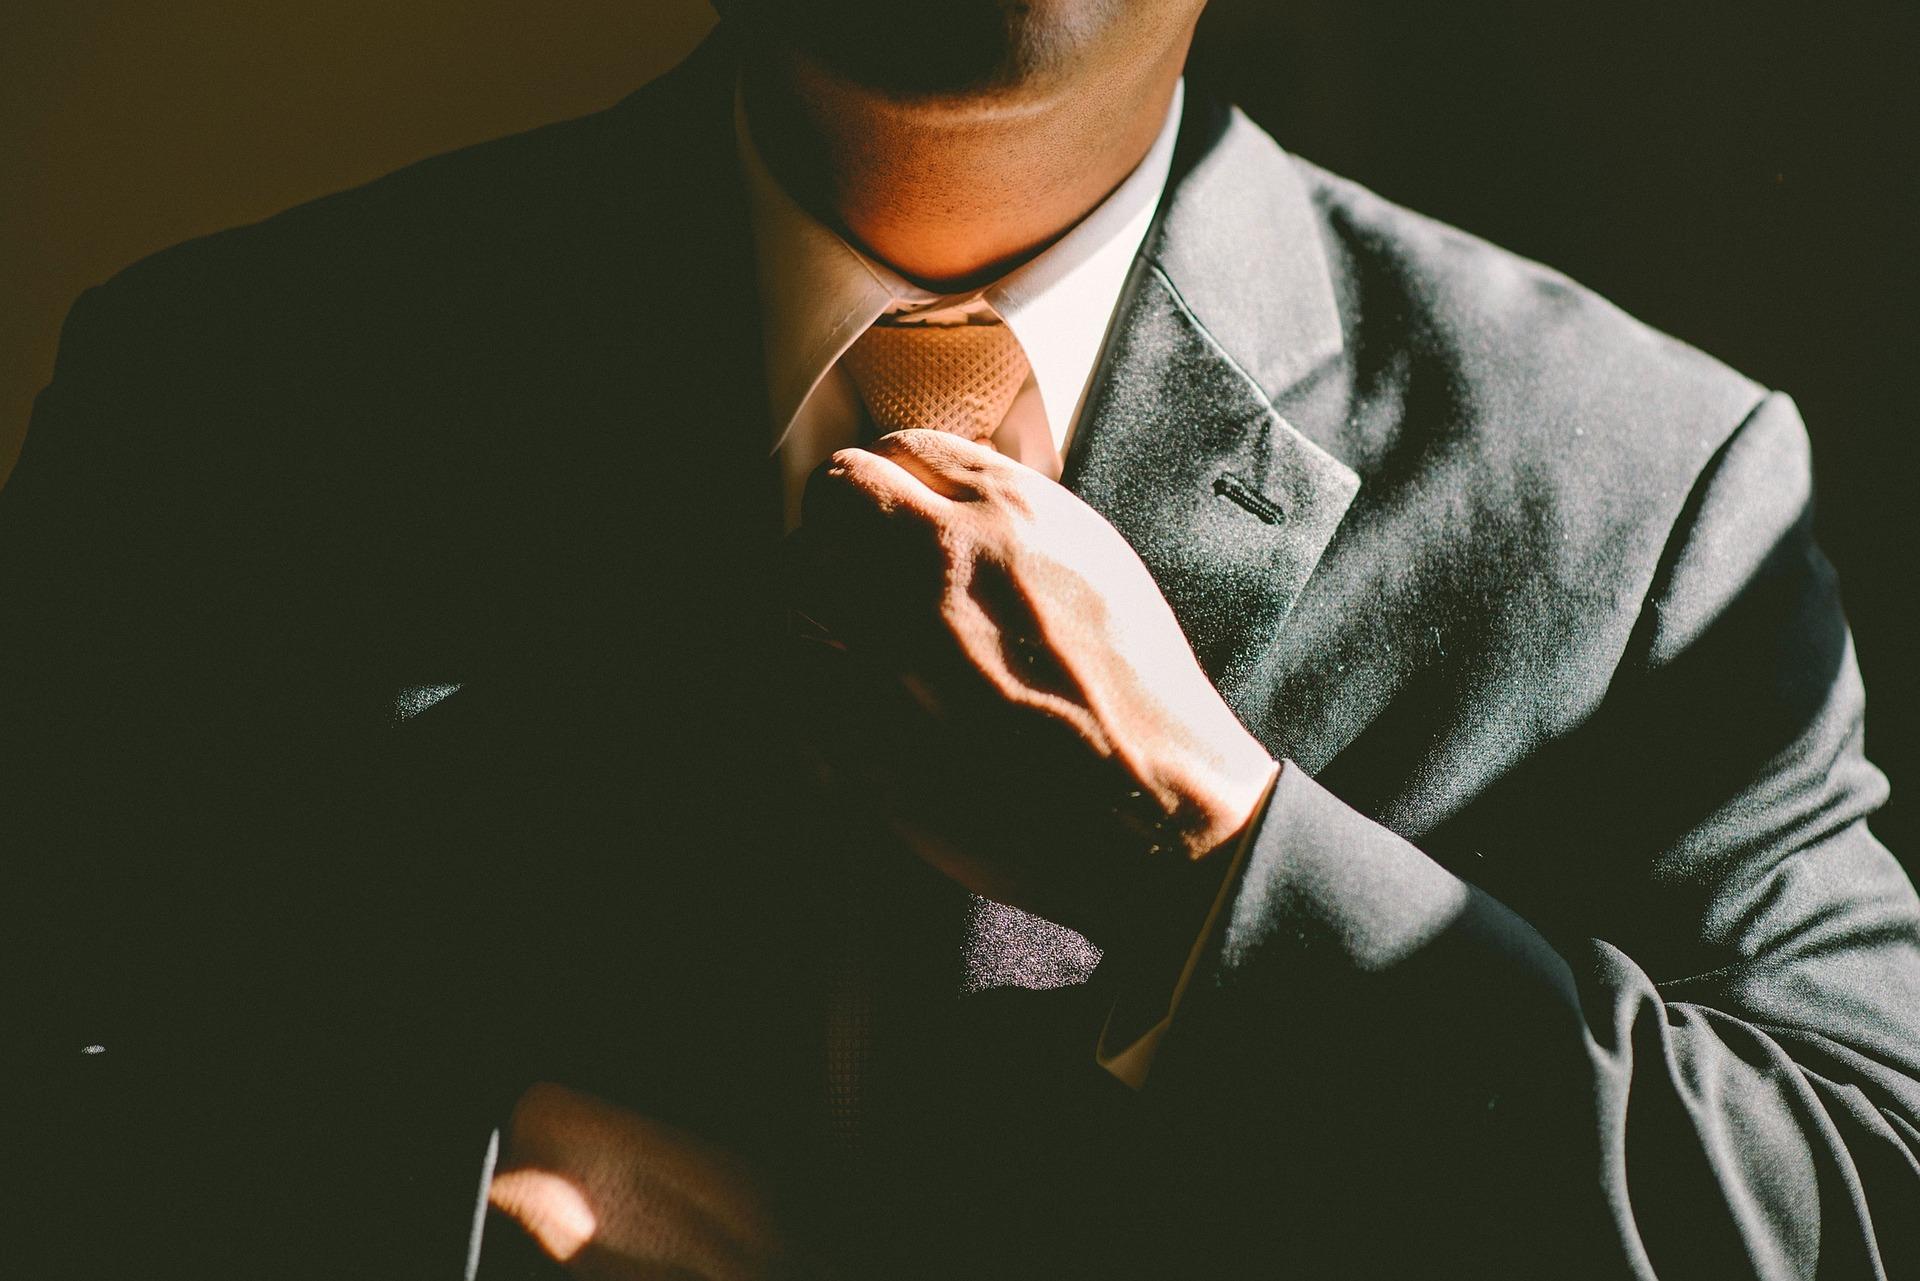 Мужское саморазвитие: топ методик прокачать уверенность всебе